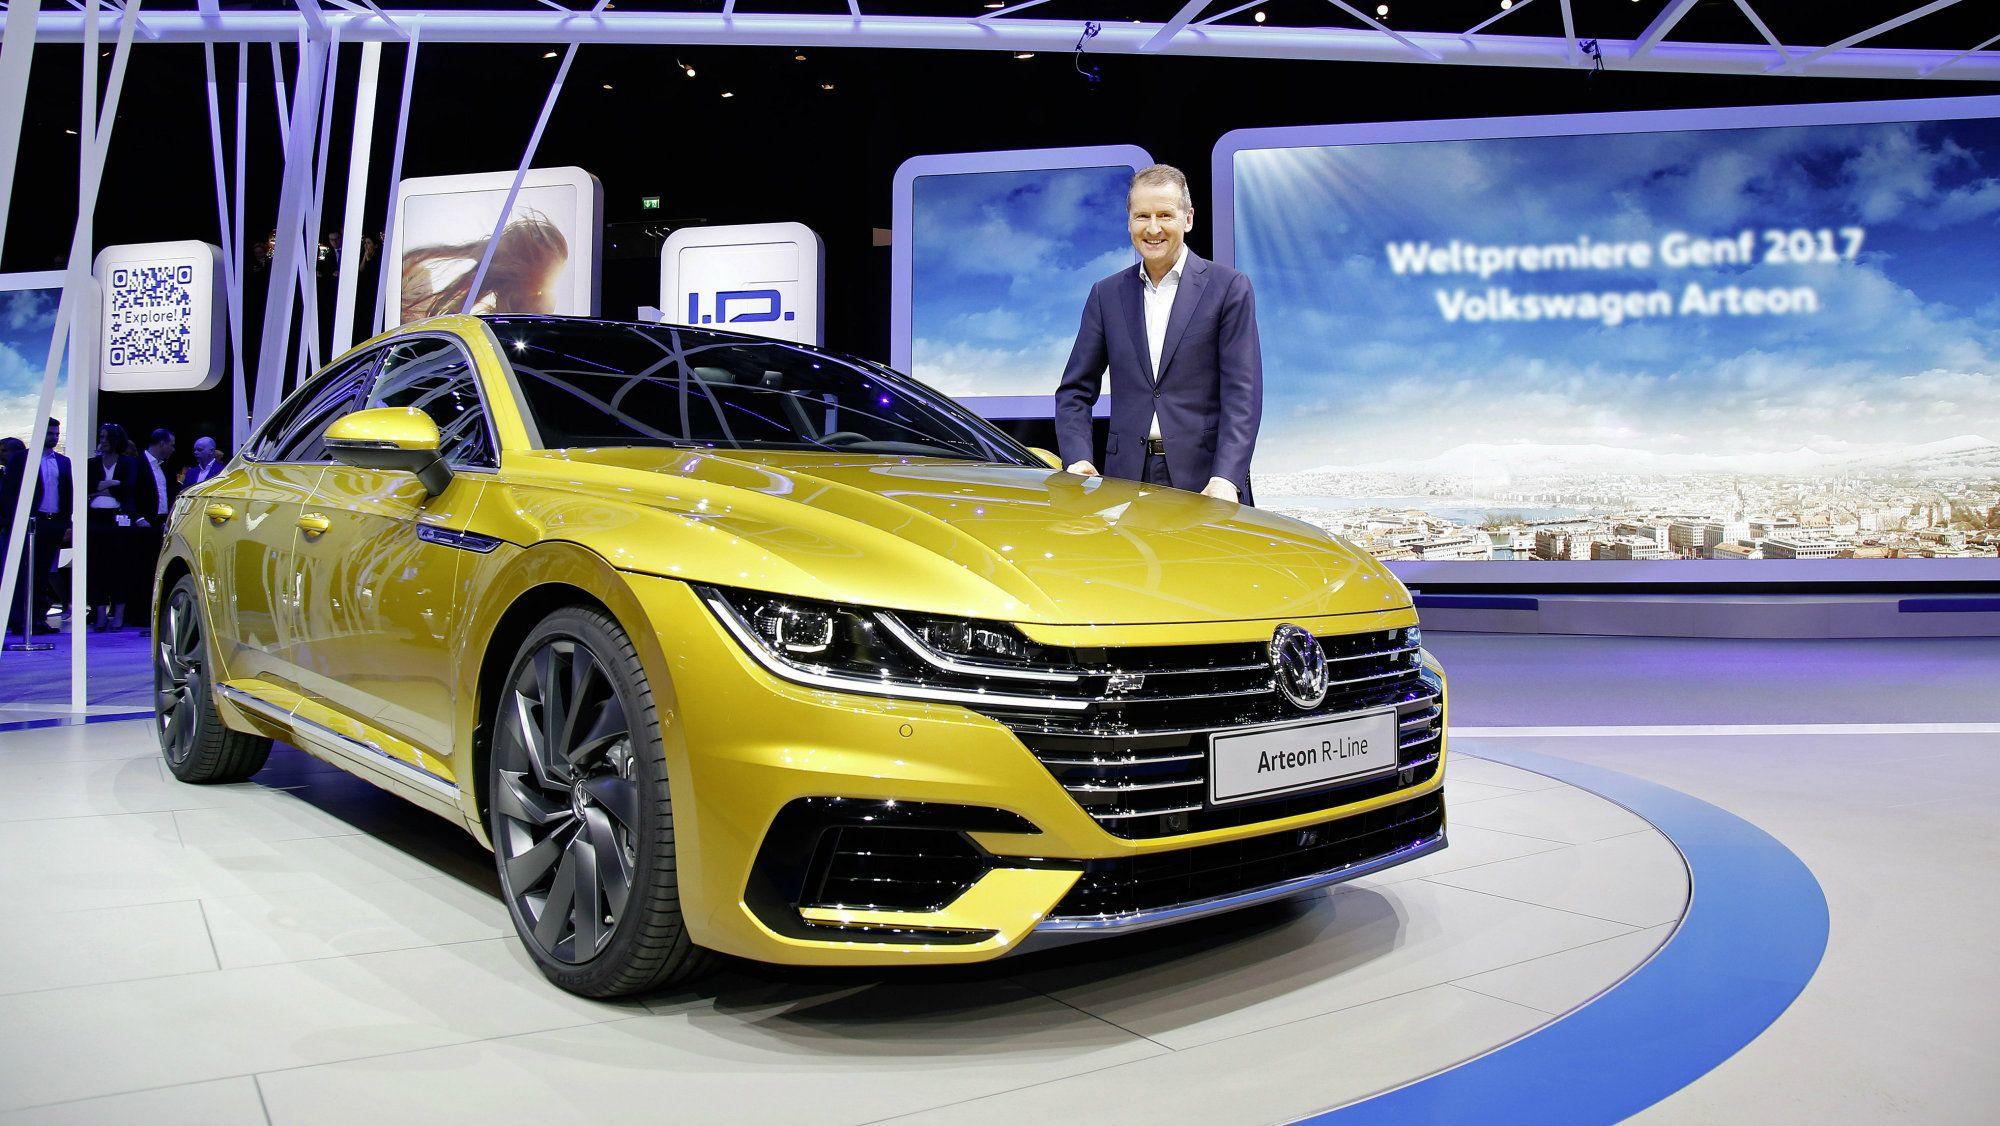 Meet The Future Vw Volkswagen Vwarteon